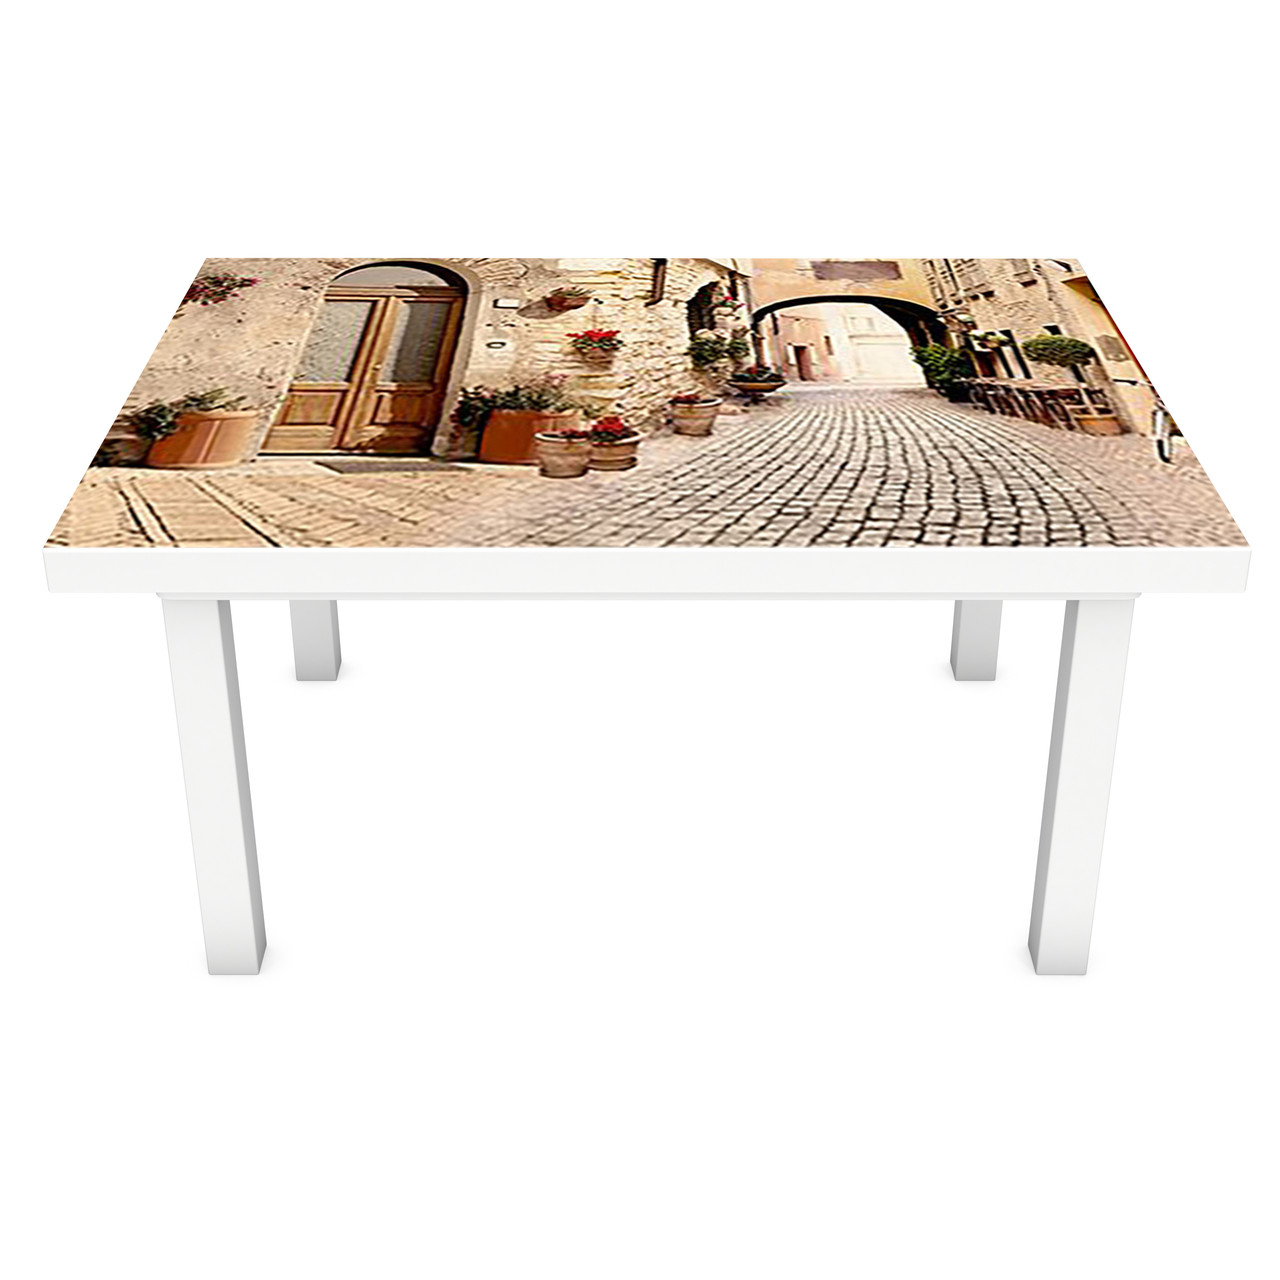 Виниловая наклейка на стол Прованс 03 интерьерная ПВХ пленка для мебели мощенные улицы брусчатка Город Бежевый